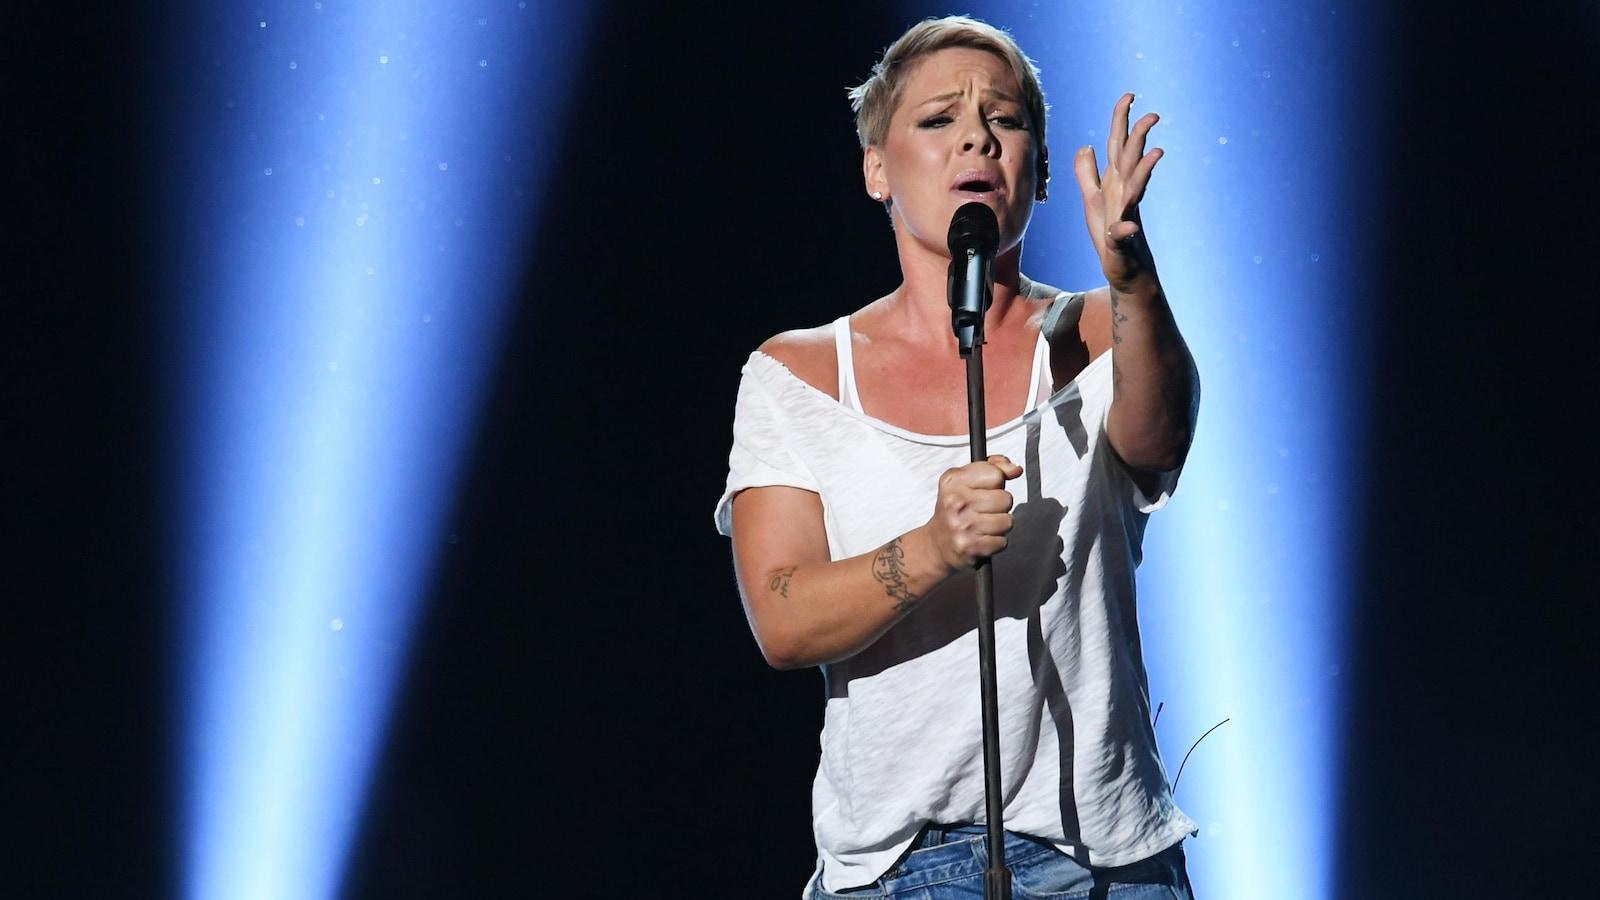 La chanteuse Pink lors de la cérémonie des prix Grammy en 2018